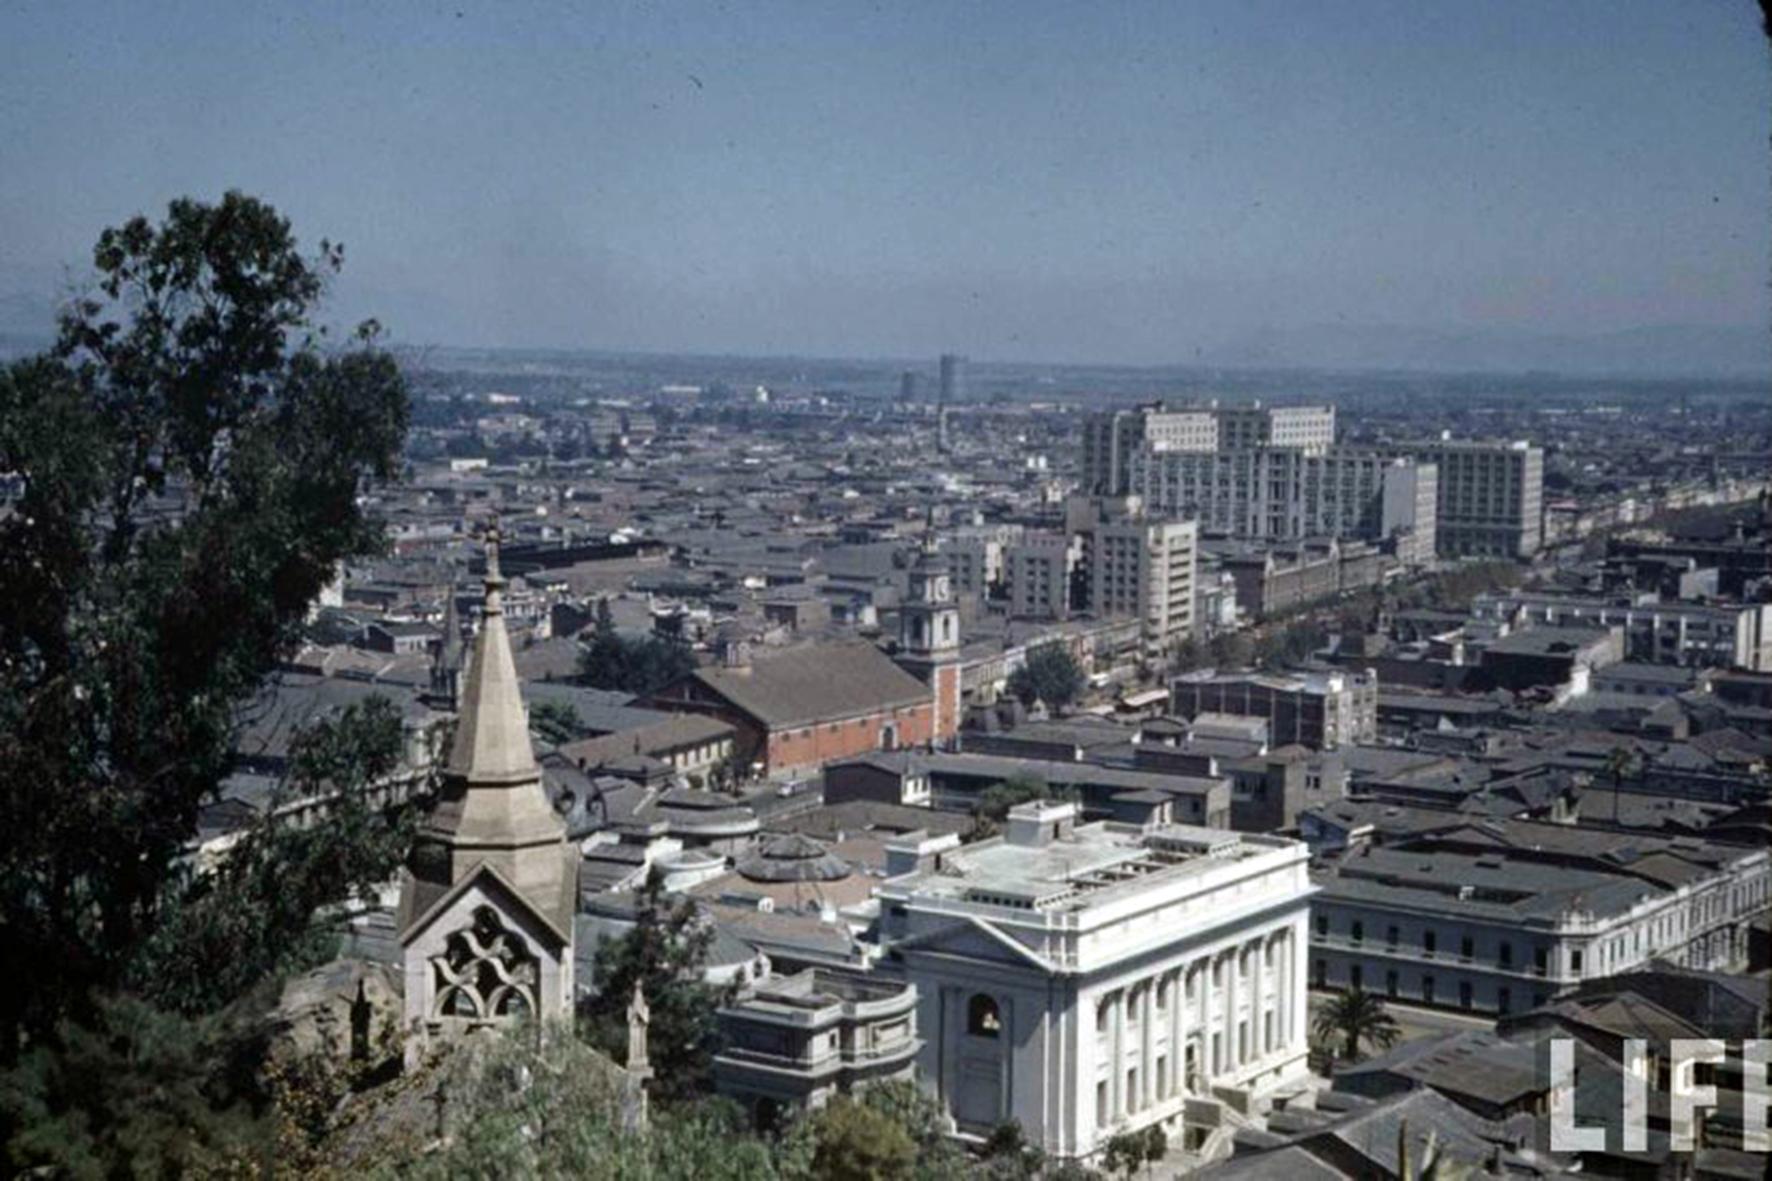 Enterreno - Fotos históricas de chile - fotos antiguas de Chile - Vista de Santiago desde el cerro Santa Lucía en 1941